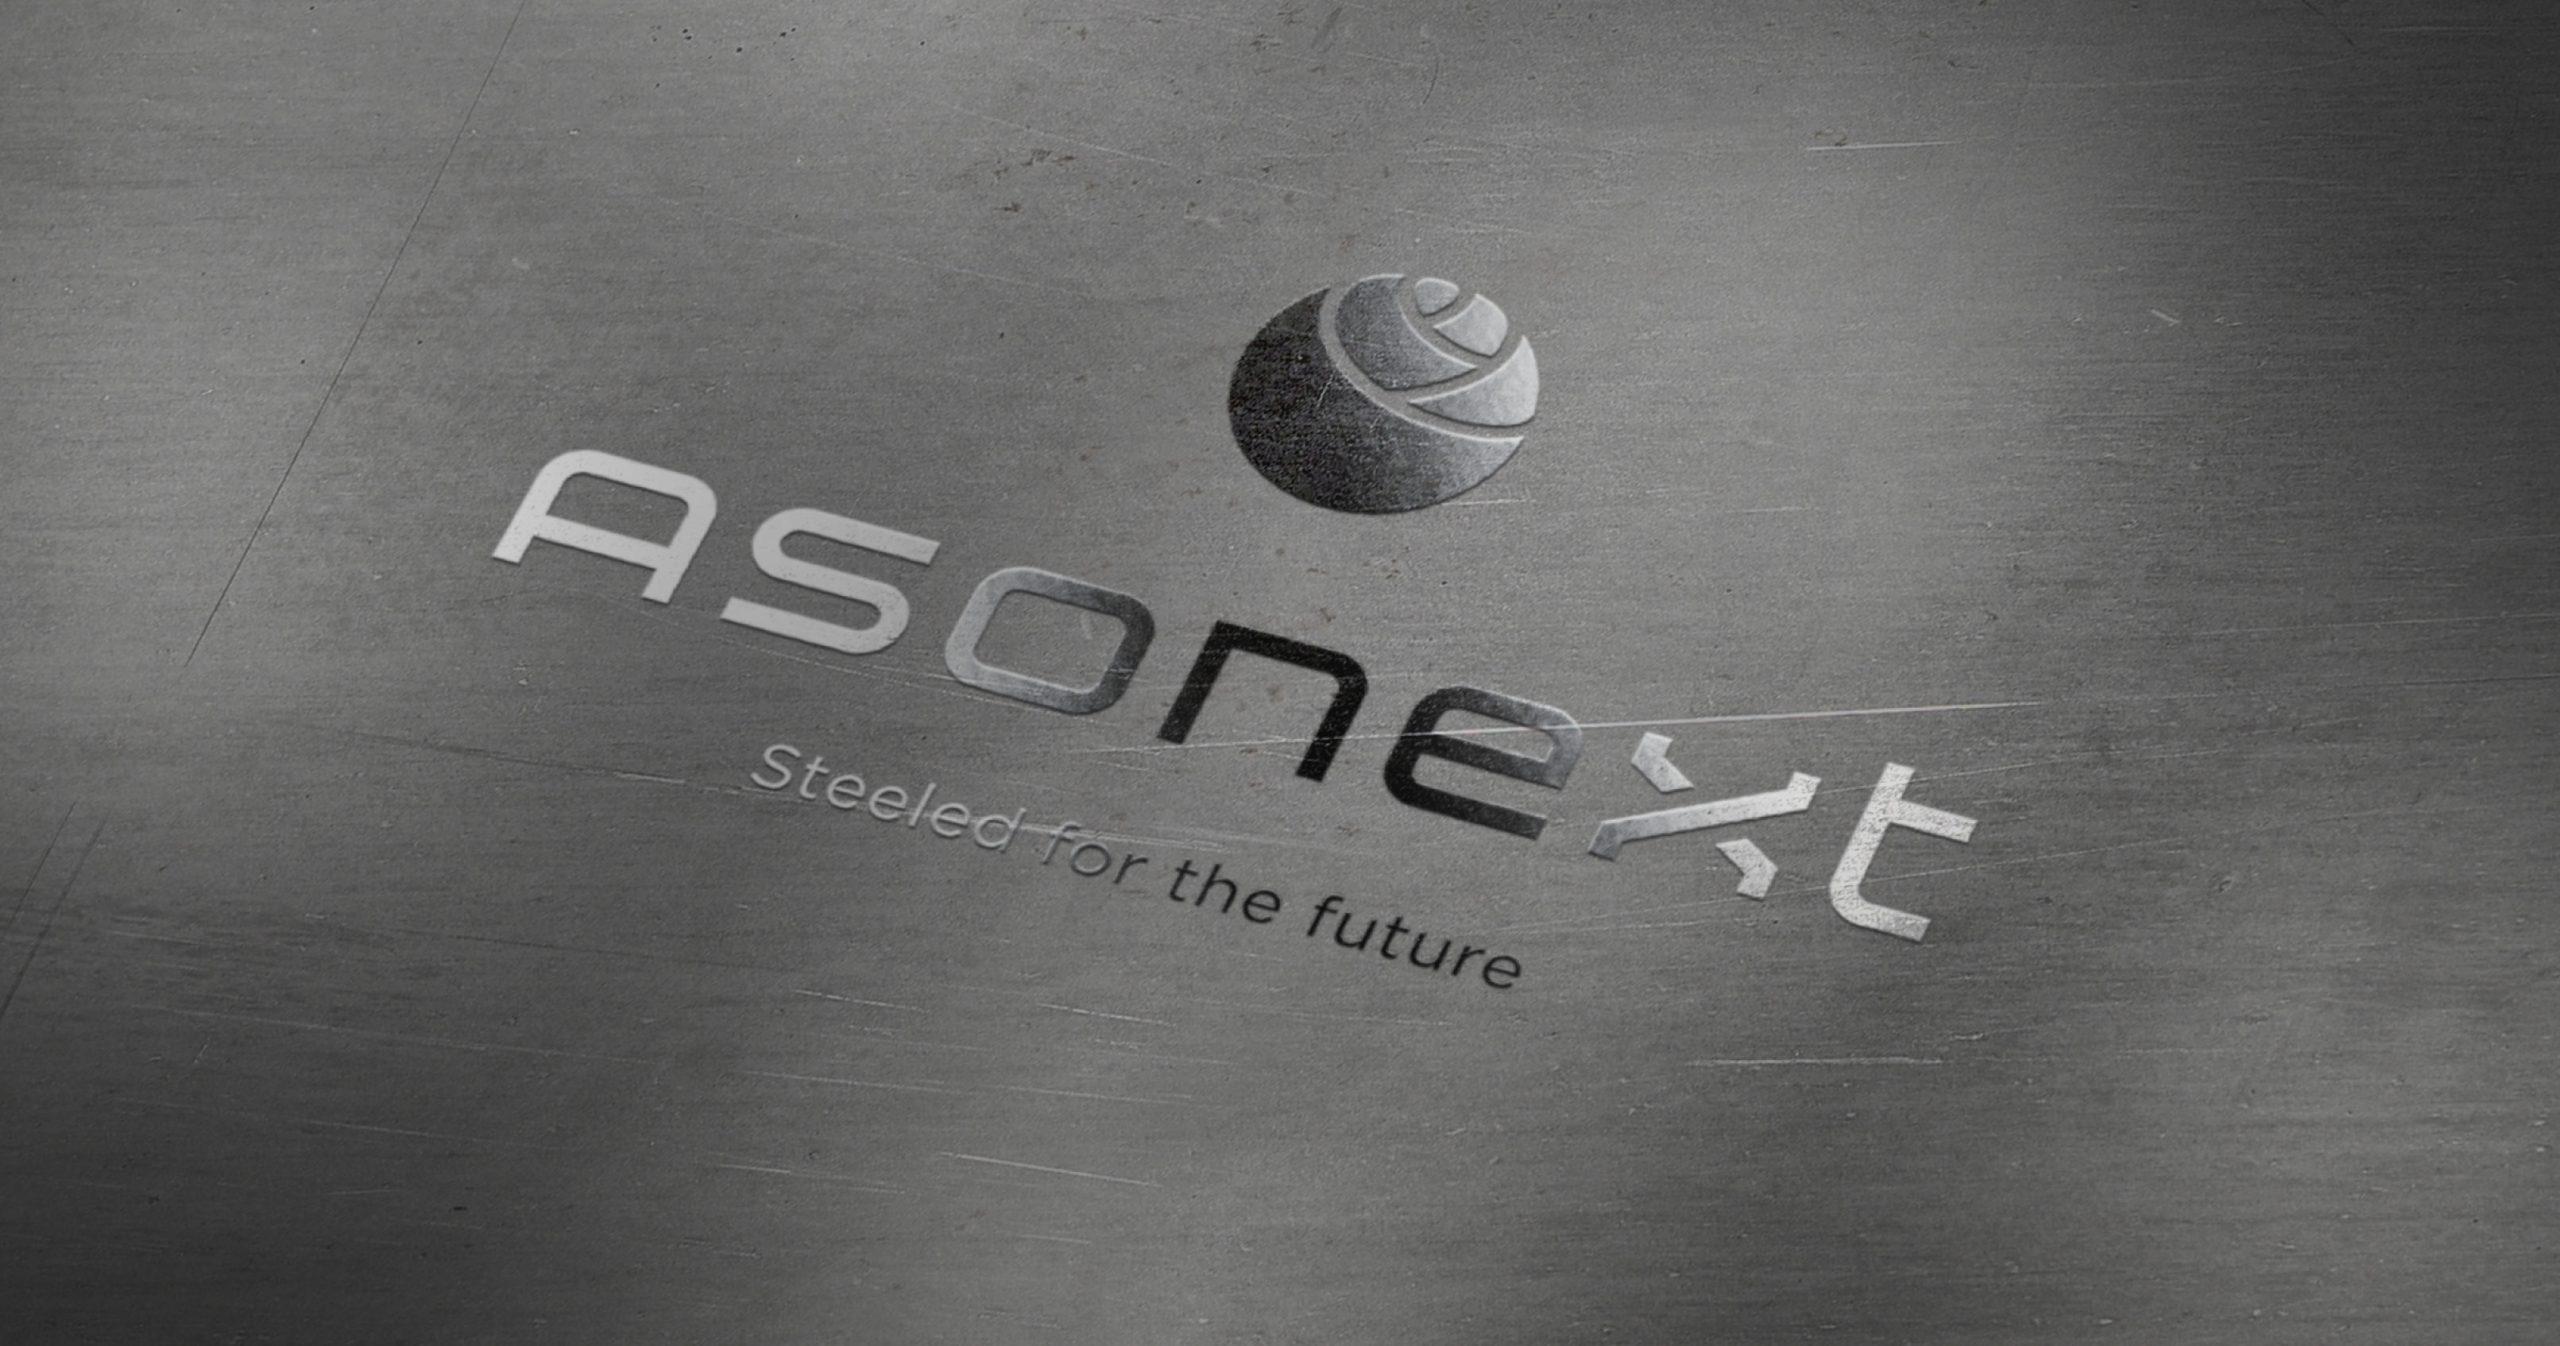 Asonext